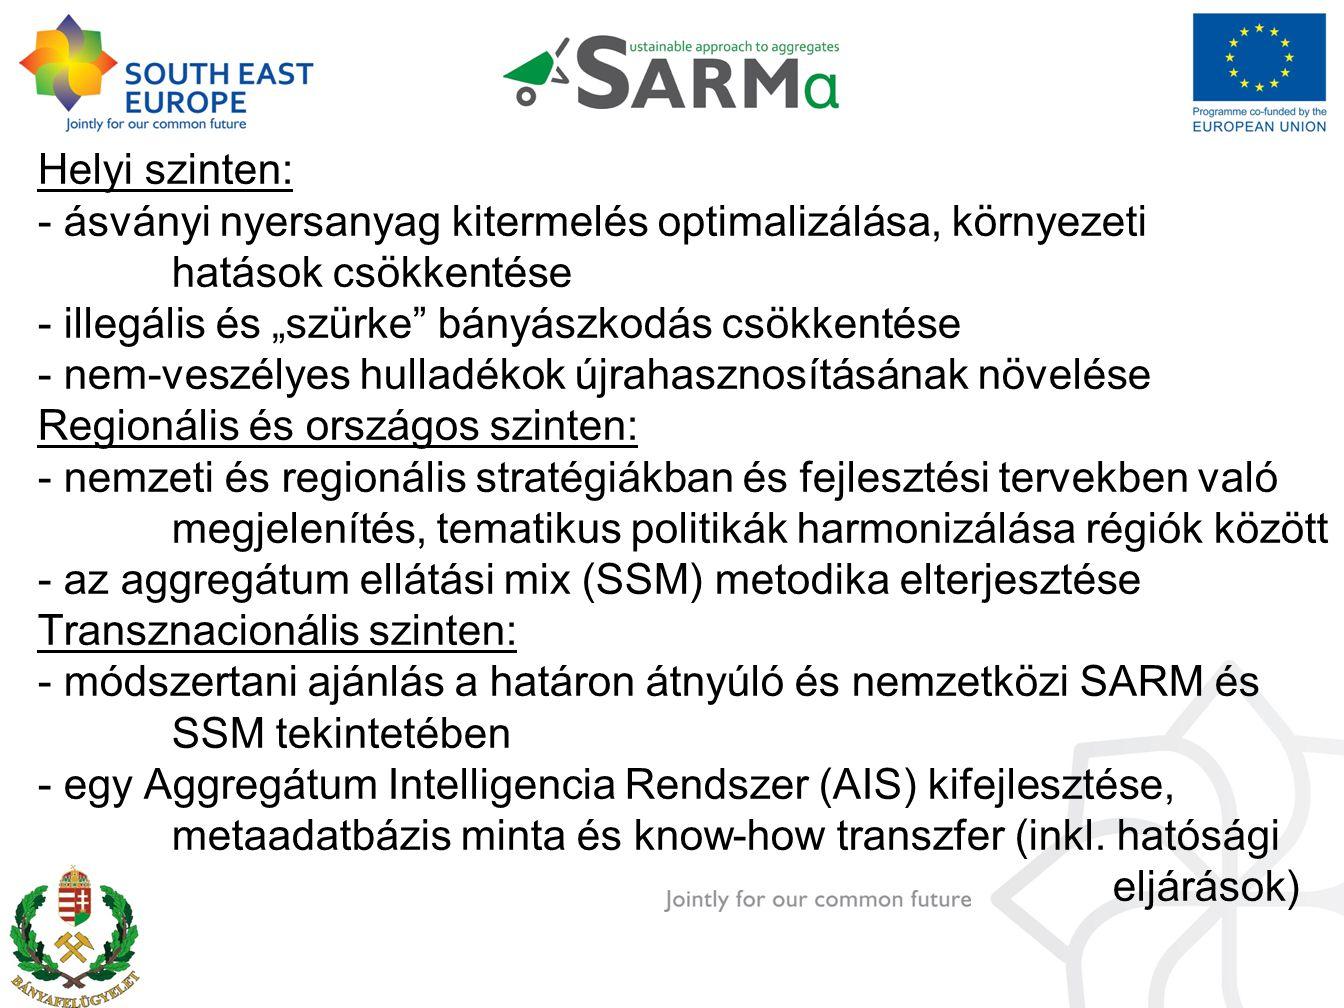 """Helyi szinten: - ásványi nyersanyag kitermelés optimalizálása, környezeti hatások csökkentése - illegális és """"szürke bányászkodás csökkentése - nem-veszélyes hulladékok újrahasznosításának növelése Regionális és országos szinten: - nemzeti és regionális stratégiákban és fejlesztési tervekben való megjelenítés, tematikus politikák harmonizálása régiók között - az aggregátum ellátási mix (SSM) metodika elterjesztése Transznacionális szinten: - módszertani ajánlás a határon átnyúló és nemzetközi SARM és SSM tekintetében - egy Aggregátum Intelligencia Rendszer (AIS) kifejlesztése, metaadatbázis minta és know-how transzfer (inkl."""